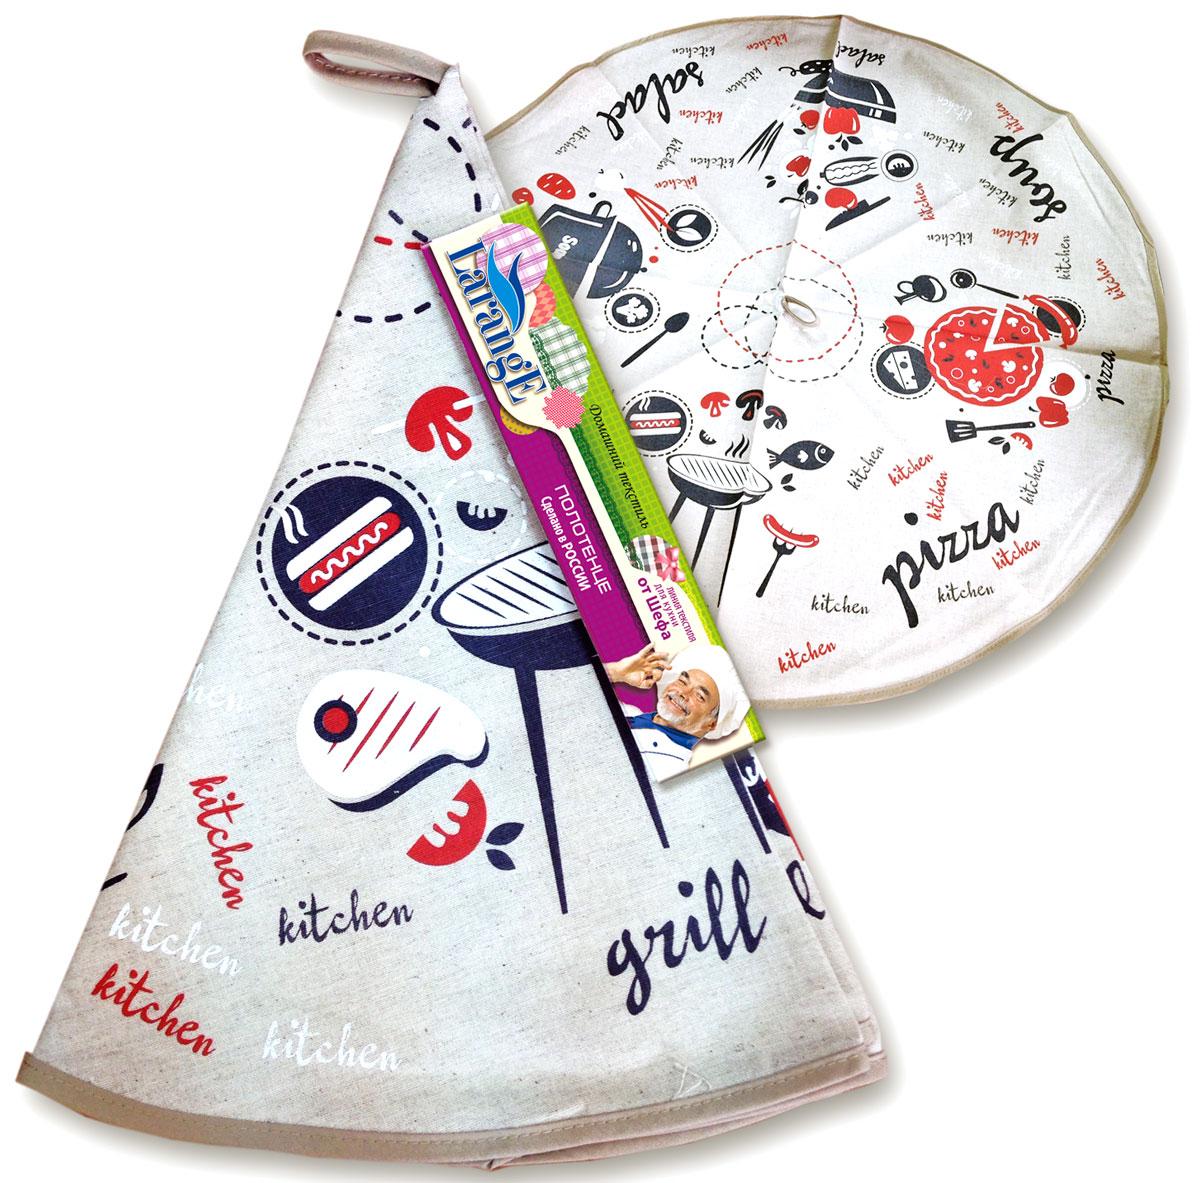 Полотенце От Шефа, круглое, диаметр: 70 см, полулен, шелкография1140Кухонный текстиль всегда выполняет двойную миссию — декоративную и практичную. Фартуки, полотенца, практичные комплекты из нескольких элементов с декором и прихватки -полезные и красивые кухонные аксессуары необходимые каждой хозяйке. Домашний текстиль из натурального льна — не просто следование модной тенденции к естественности. Лен — это действительно одно из самых ценных волокон растительного происхождения. Его уникальные свойства наделяют ткани ценными качествами. Льняная ткань — самая прочная и экологичная. Она практически не выгорает на прямом солнце, легко стирается и, при этом, не садится и не деформируется.